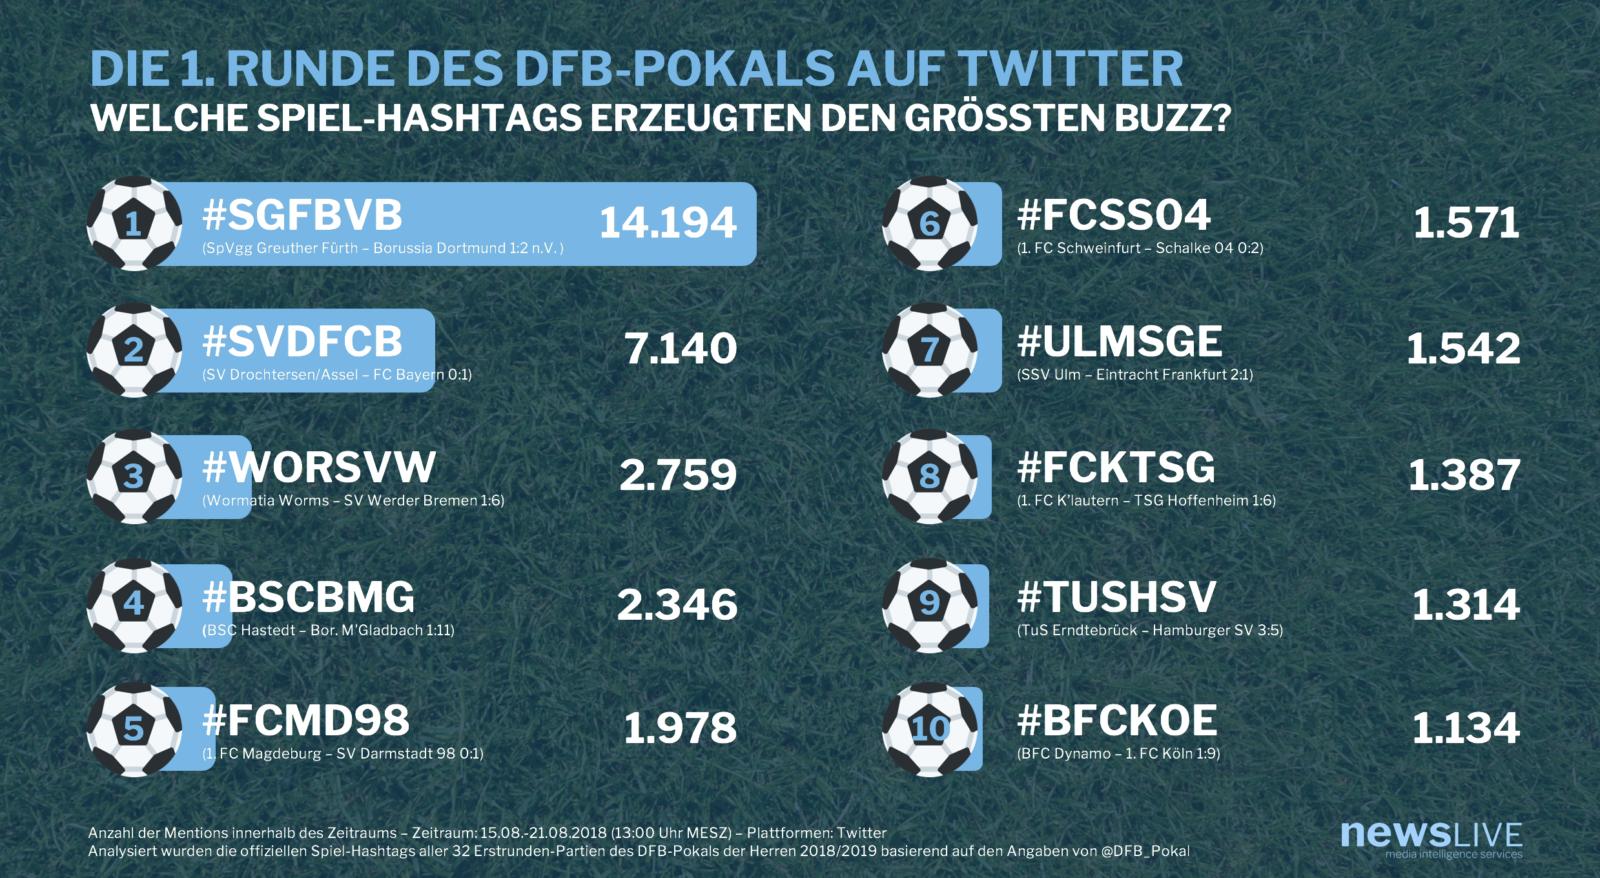 Newslive-Analyse zur ersten Runde des DFB-Pokals